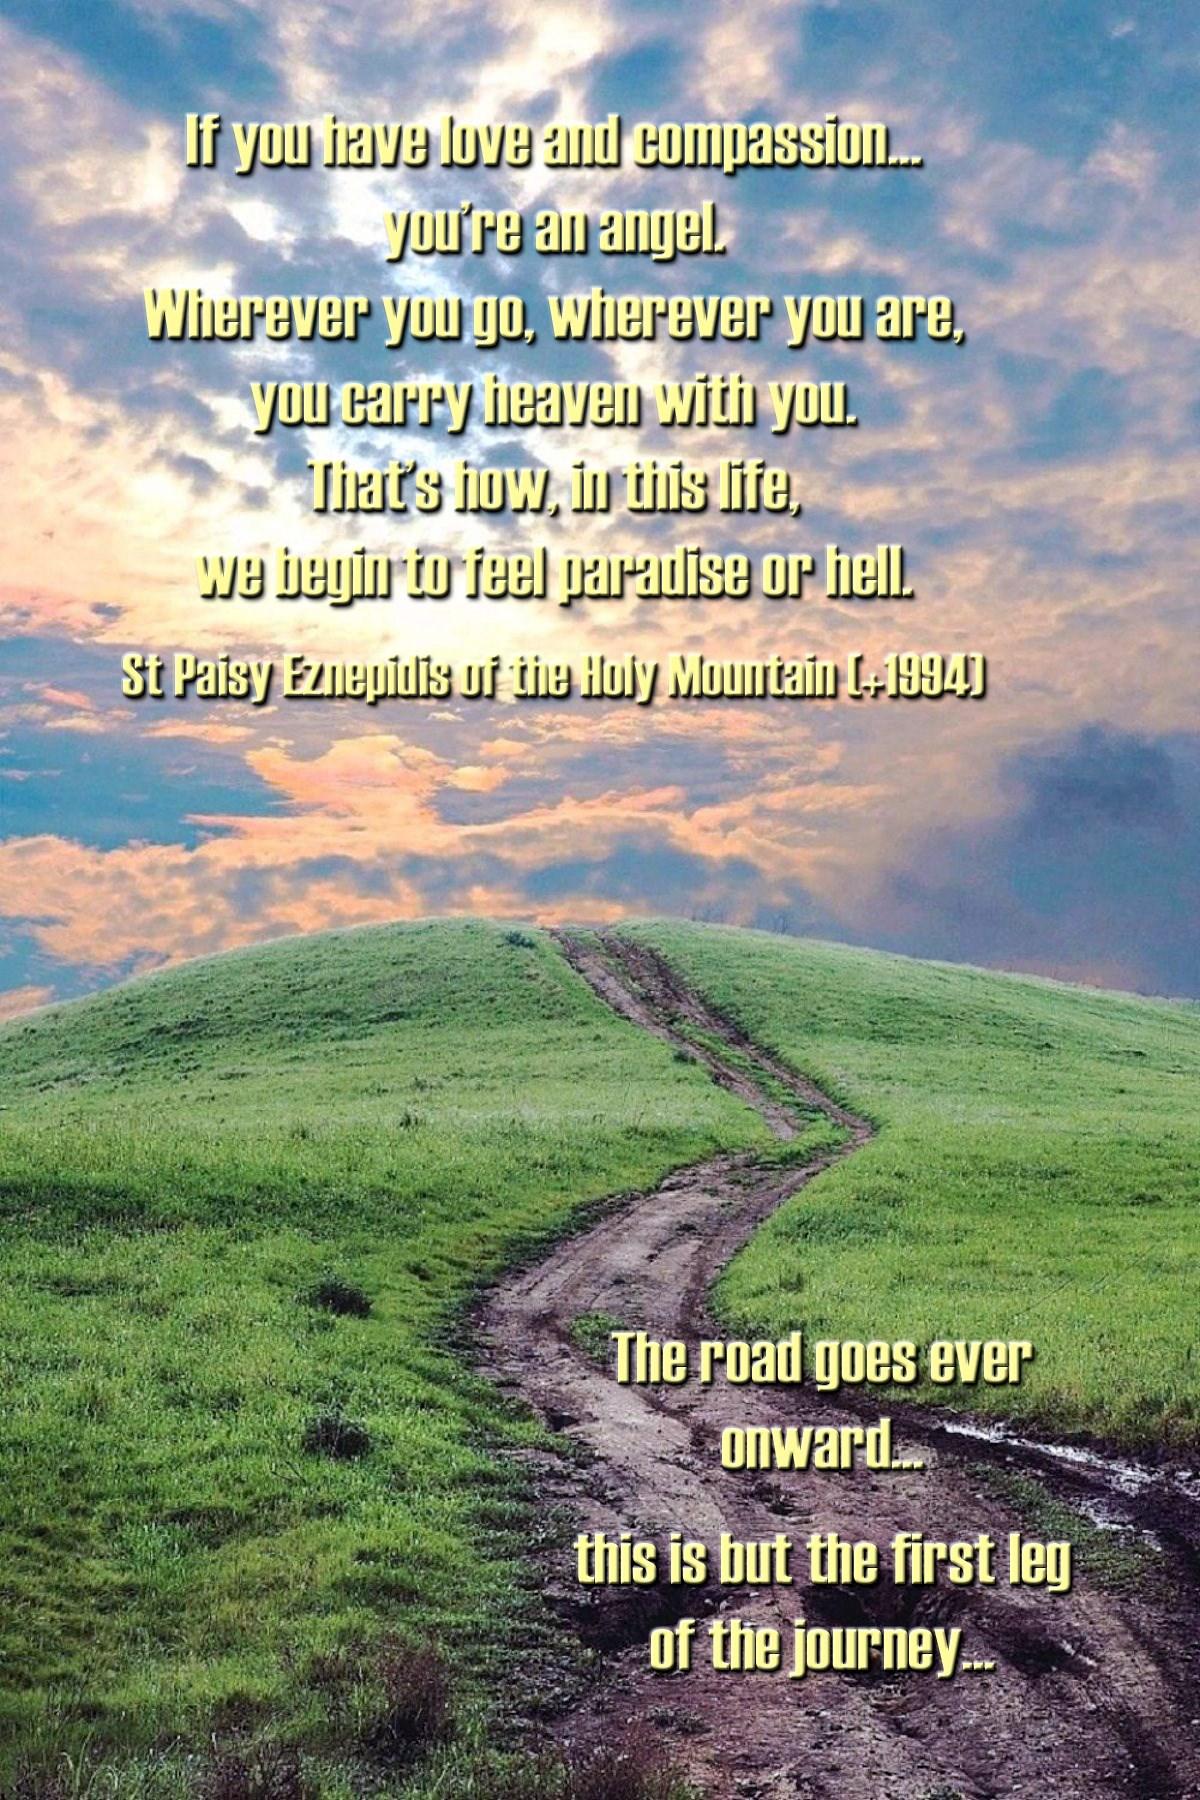 00 road to heaven paisy